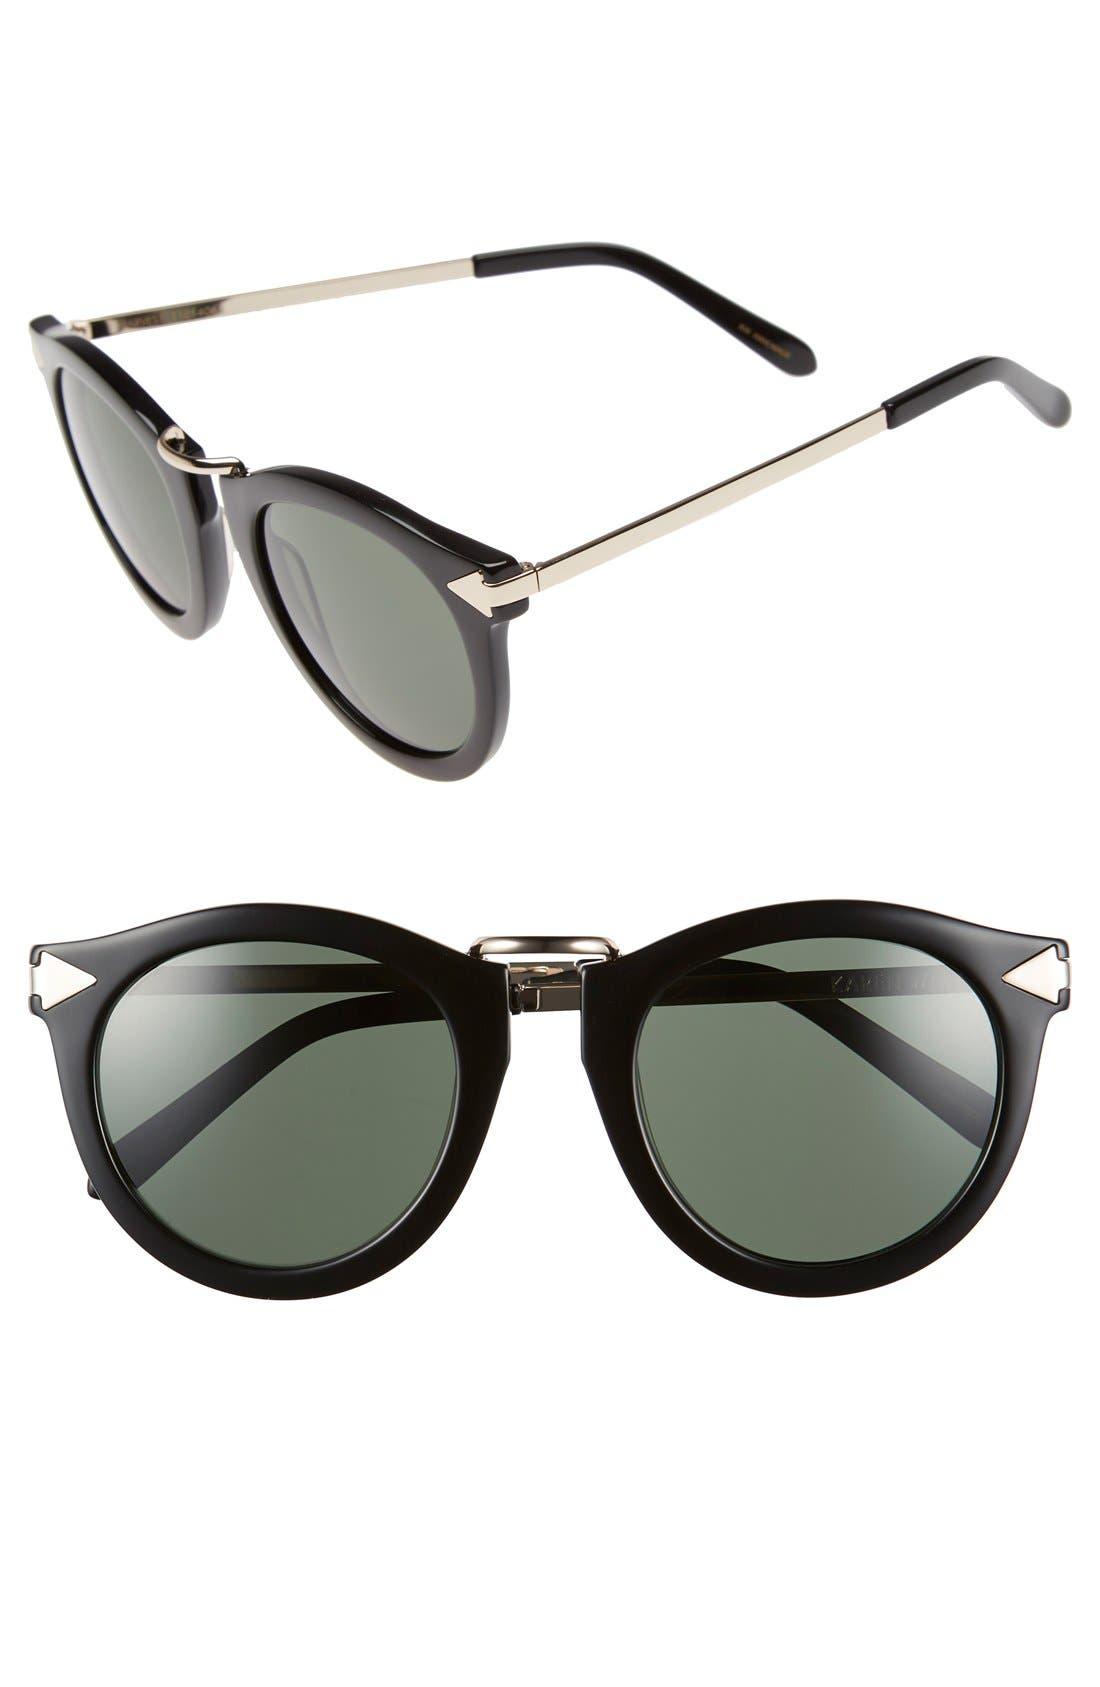 Main Image - Karen Walker 'Harvest' 50mm Sunglasses